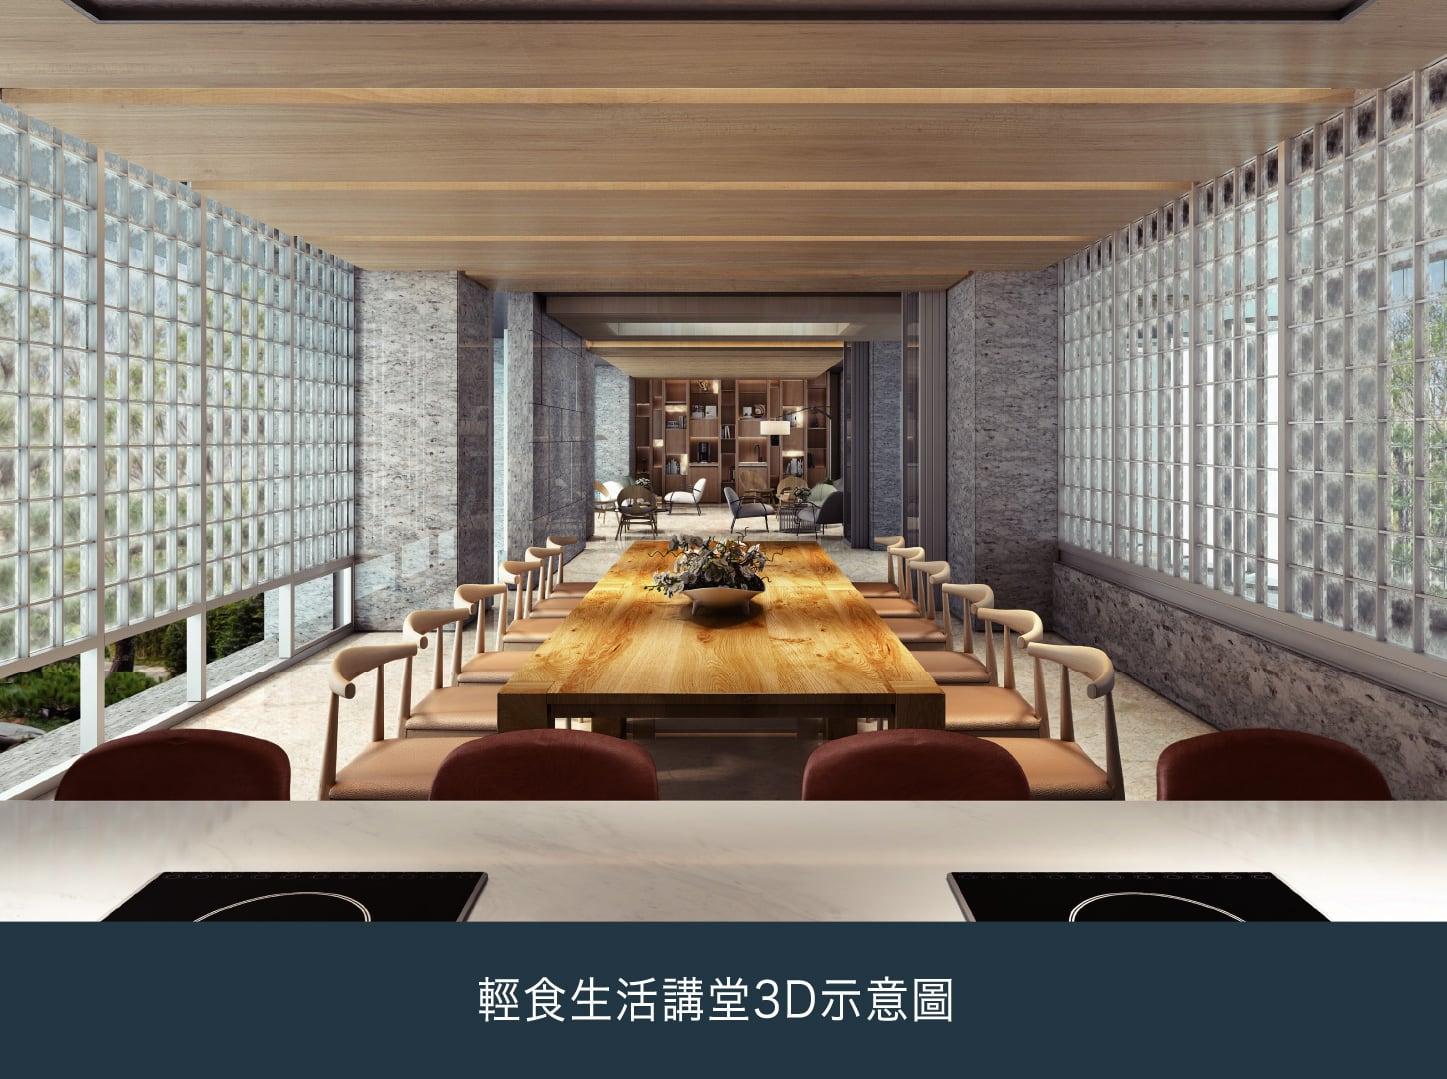 新業建設-輕食生活講堂3D示意圖